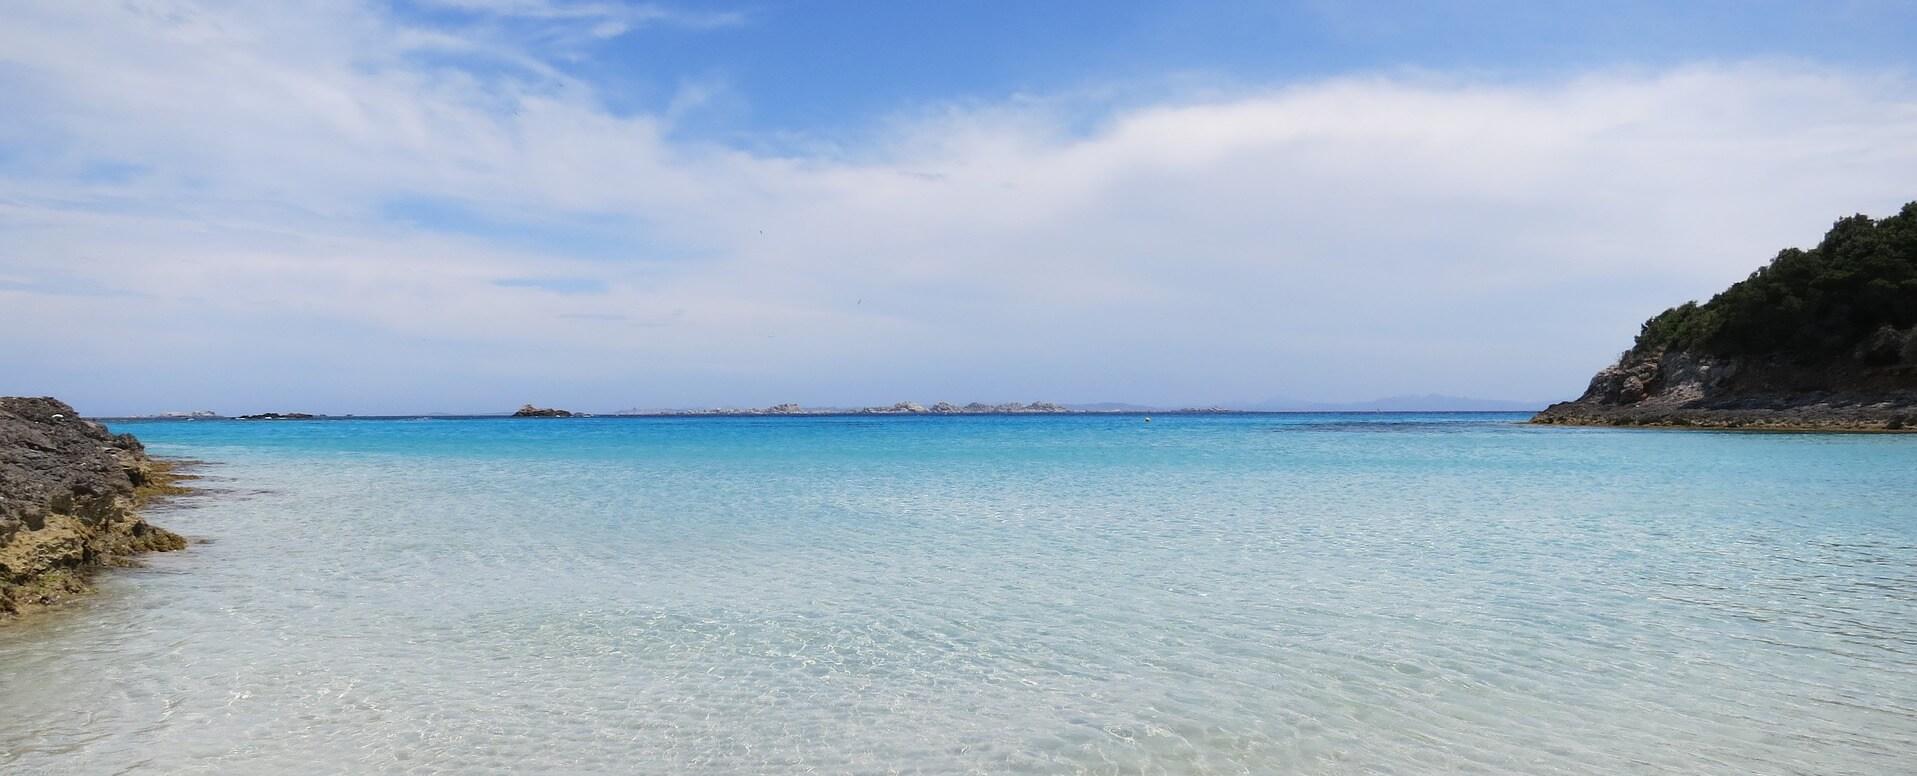 Découvrez le temps et le climat de Corse - Corse